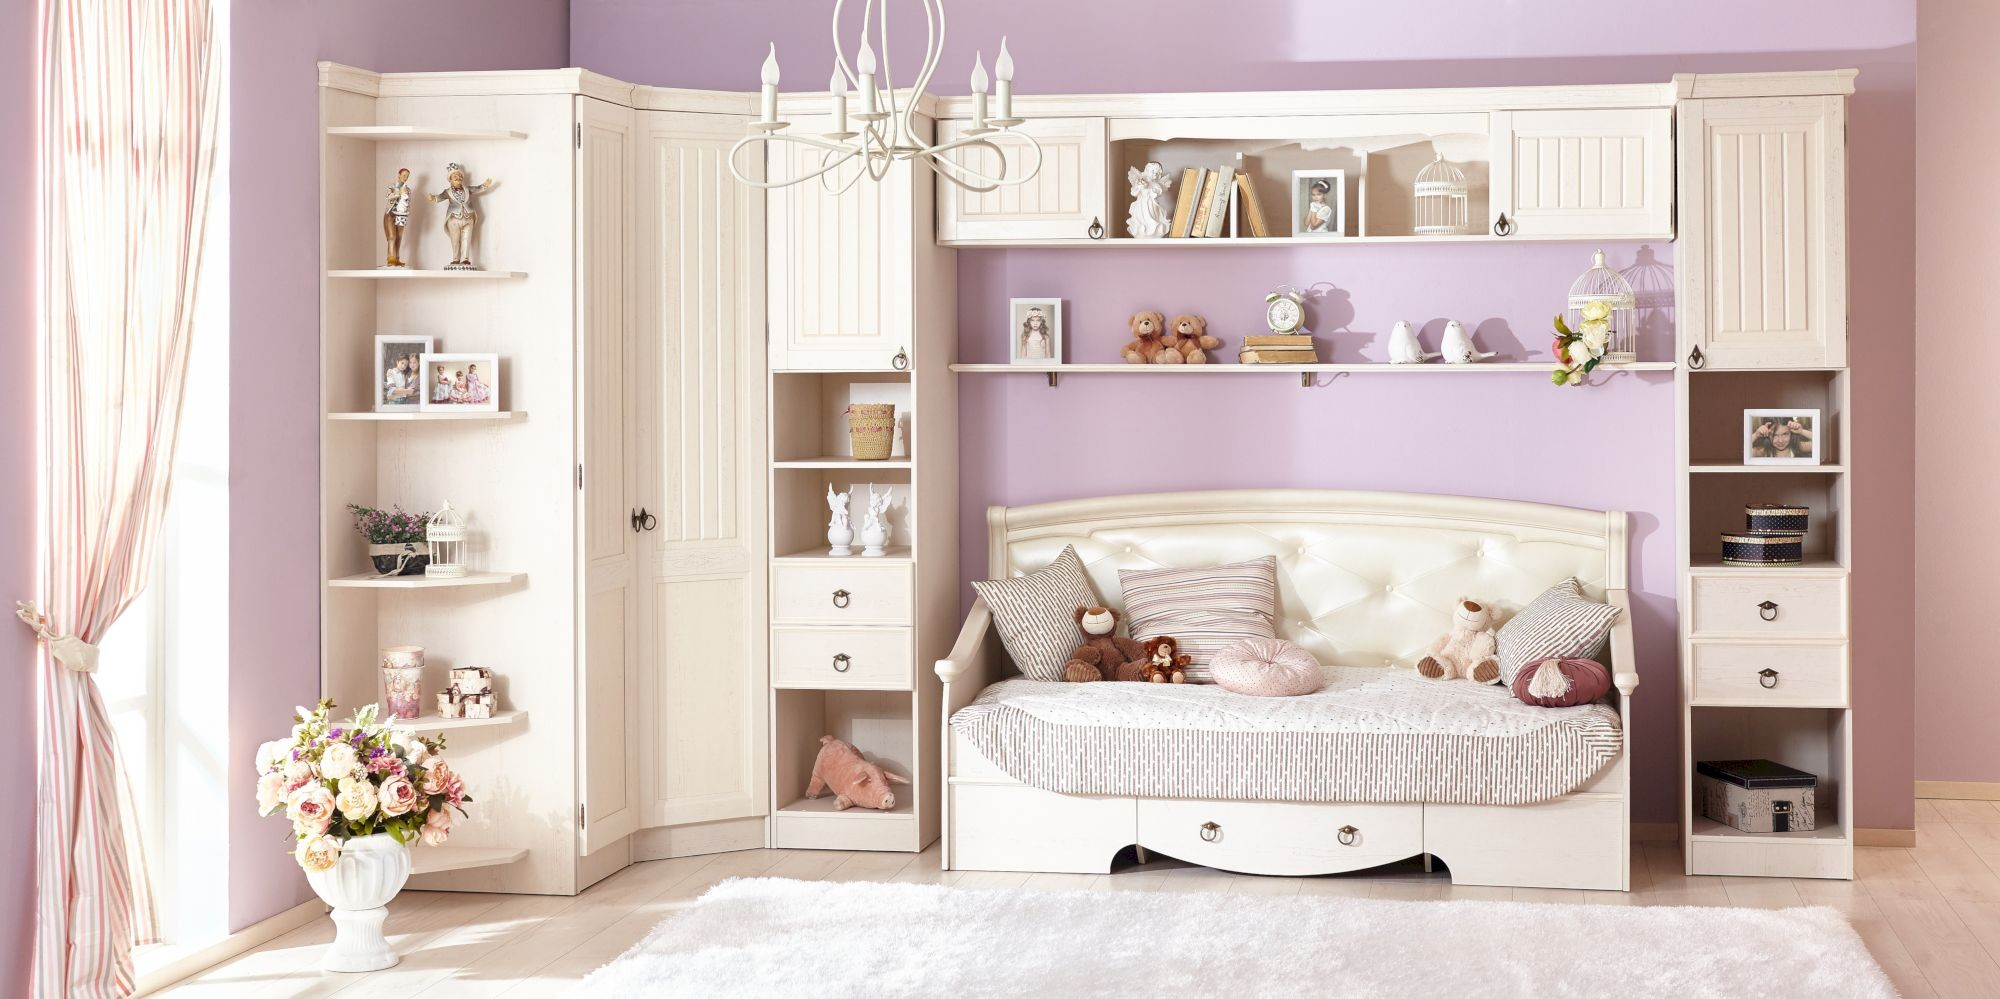 Планировка детской комнаты прованс